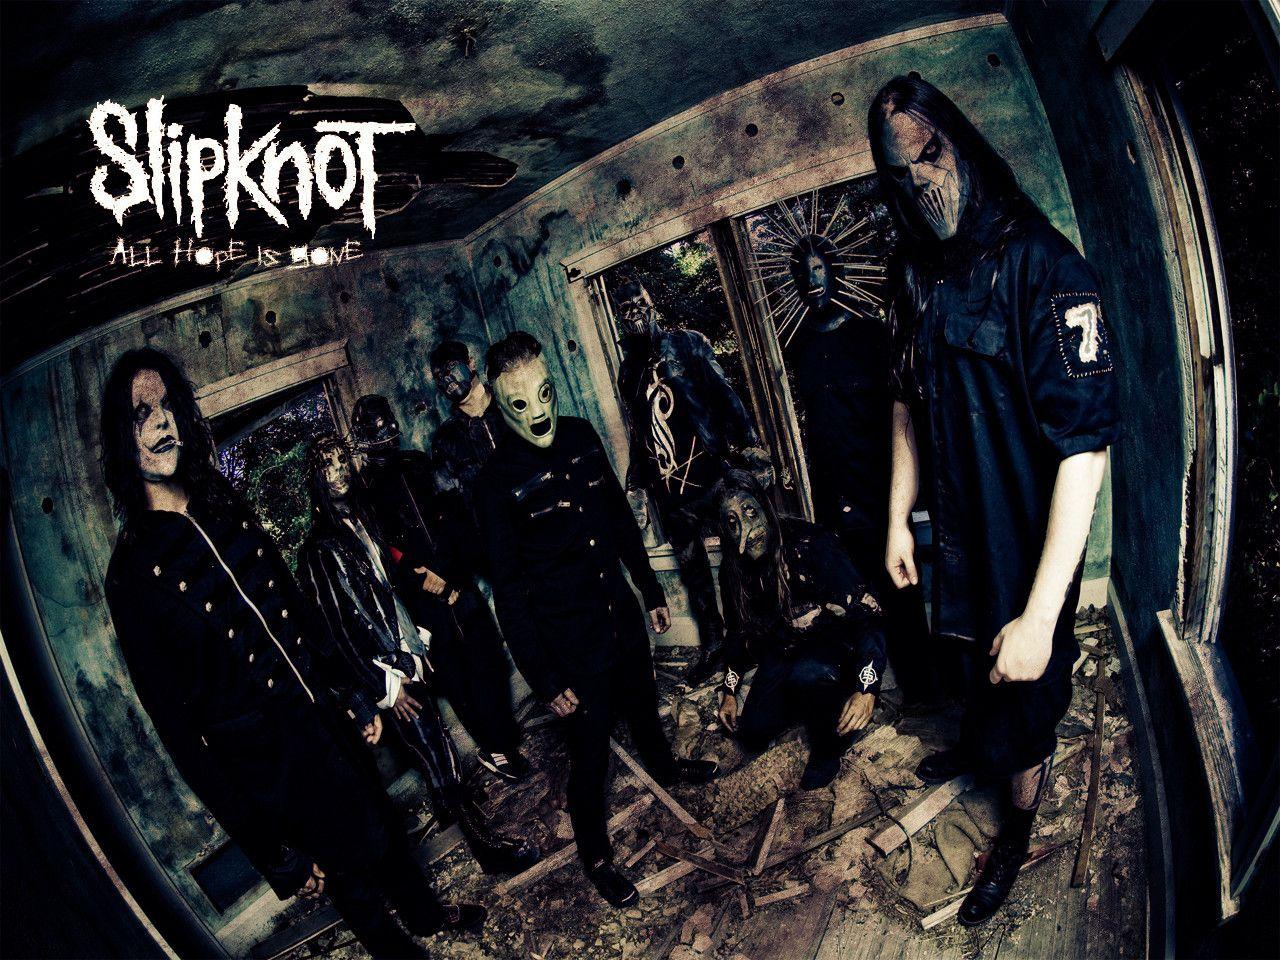 37 Slipknot Wallpapers Slipknot Backgrounds 1280x960